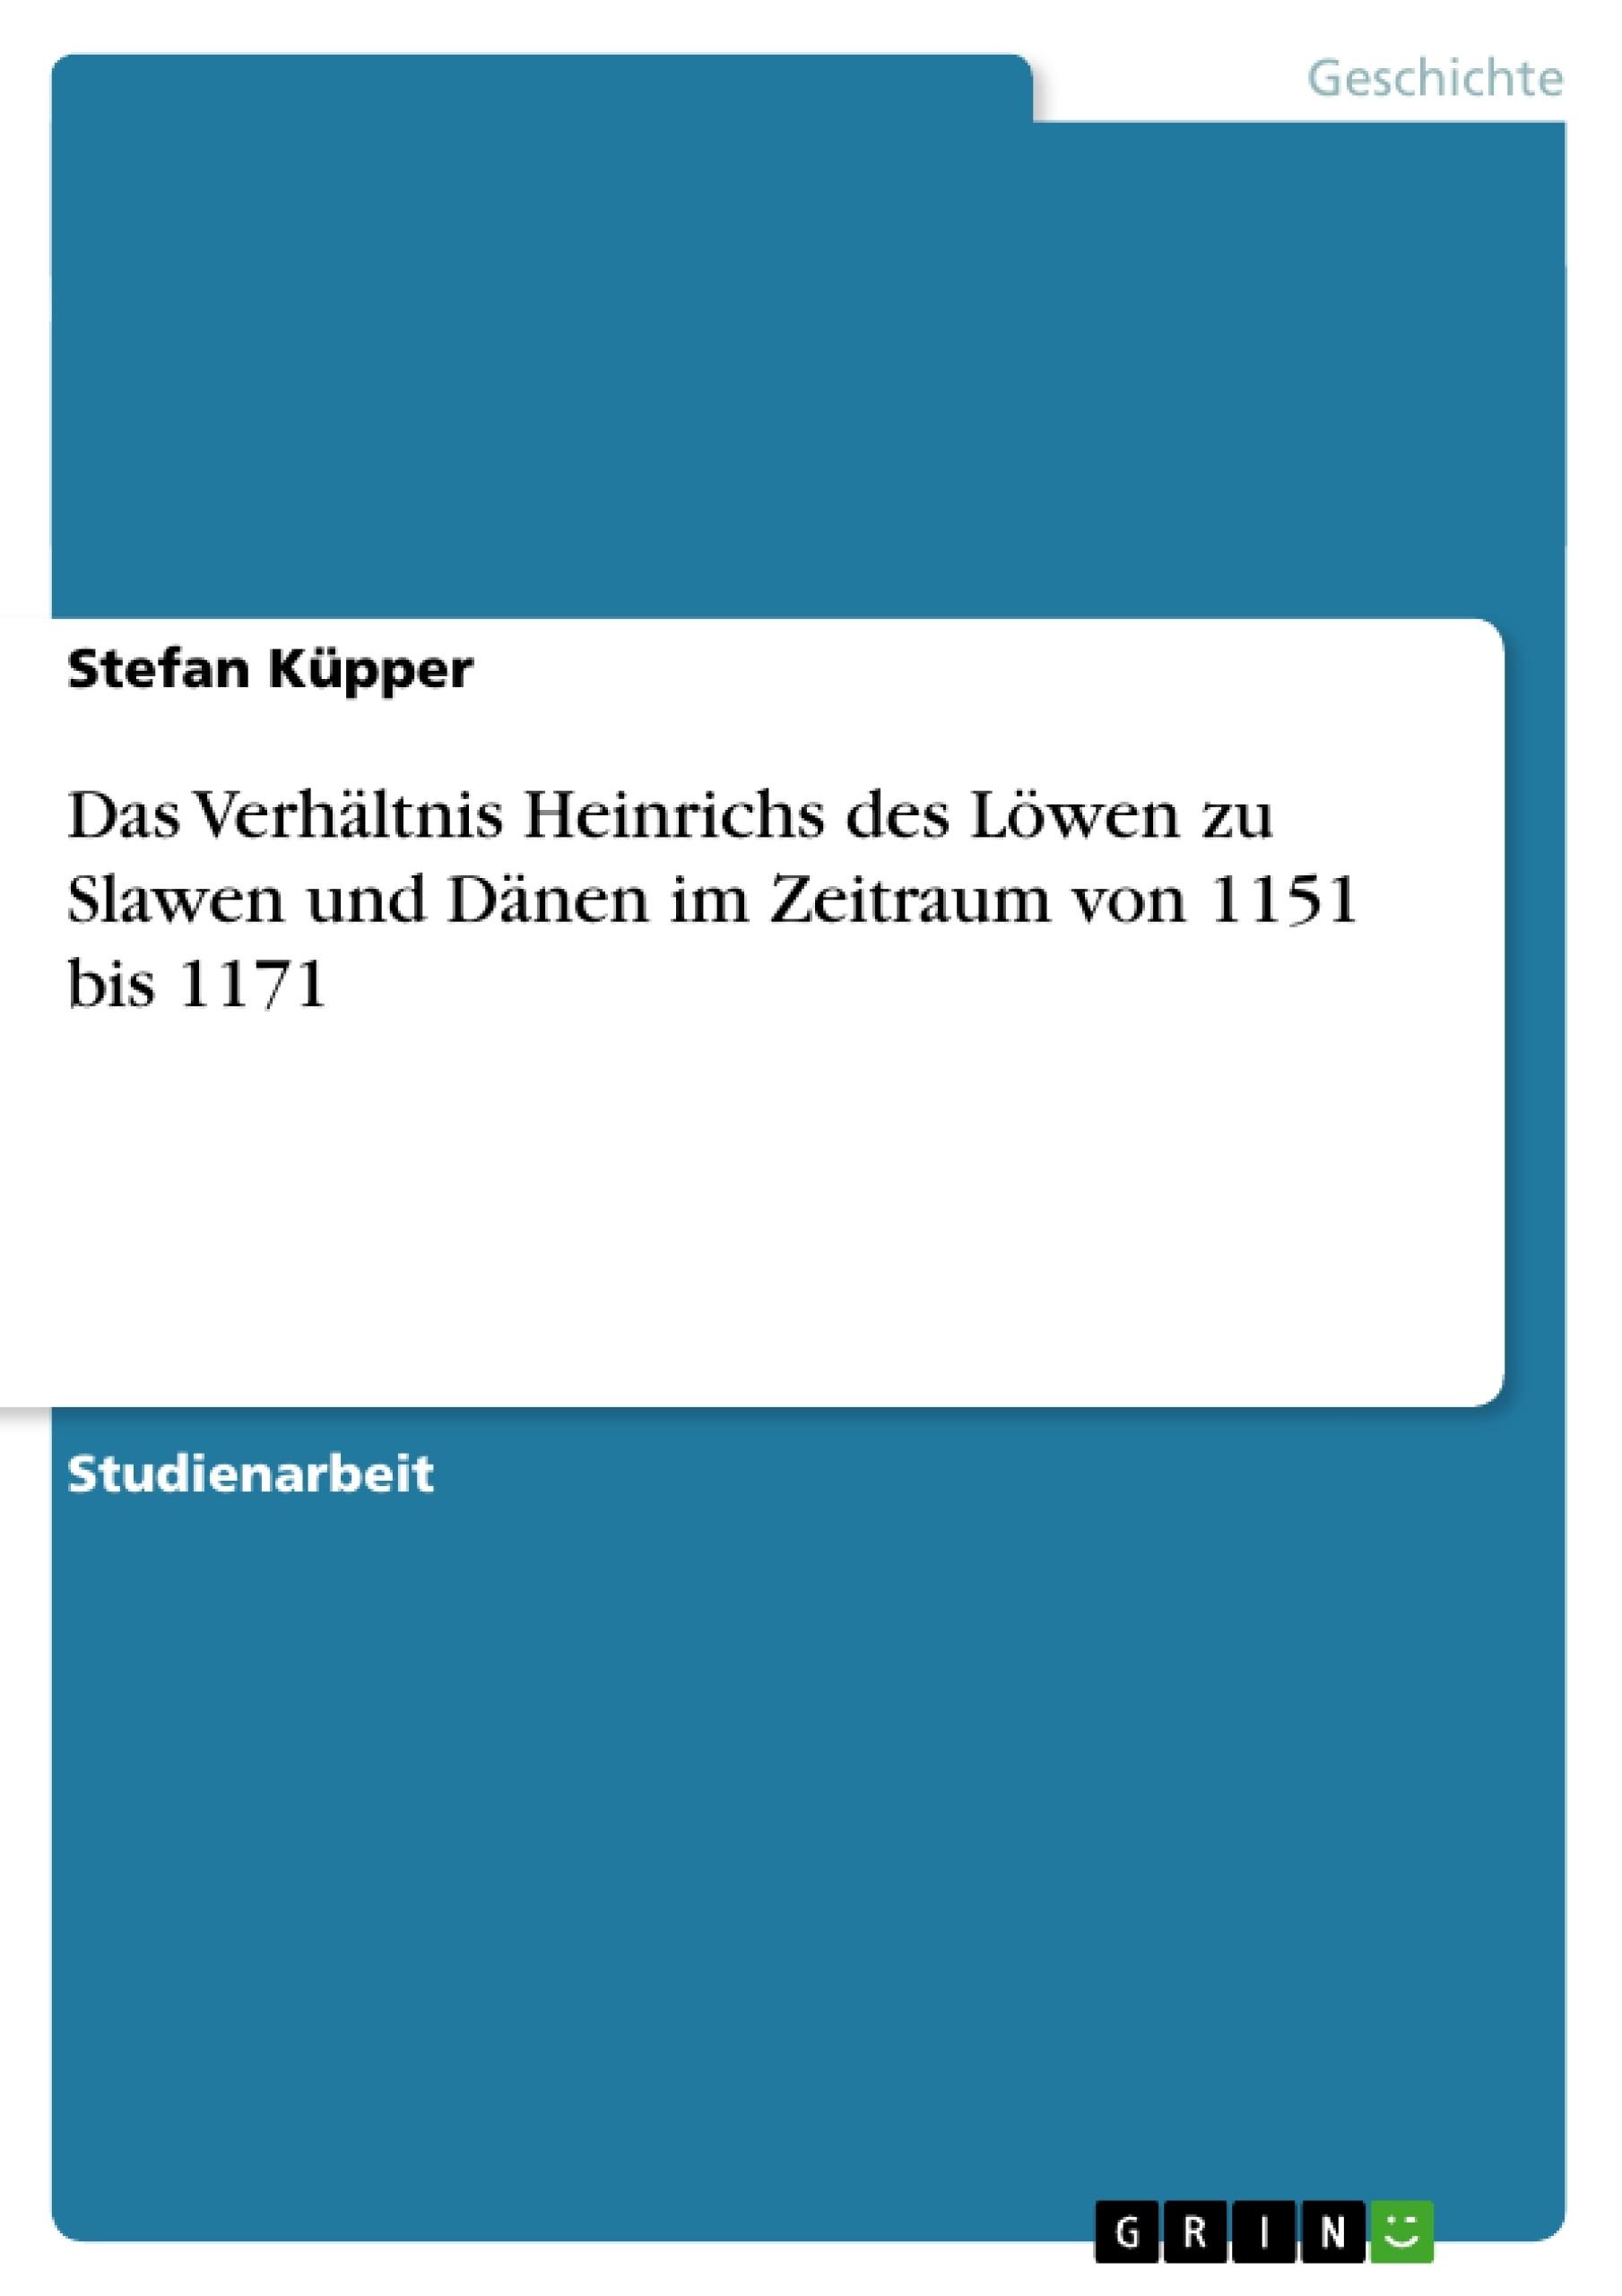 Titel: Das Verhältnis Heinrichs des Löwen zu Slawen und  Dänen im Zeitraum von 1151 bis 1171